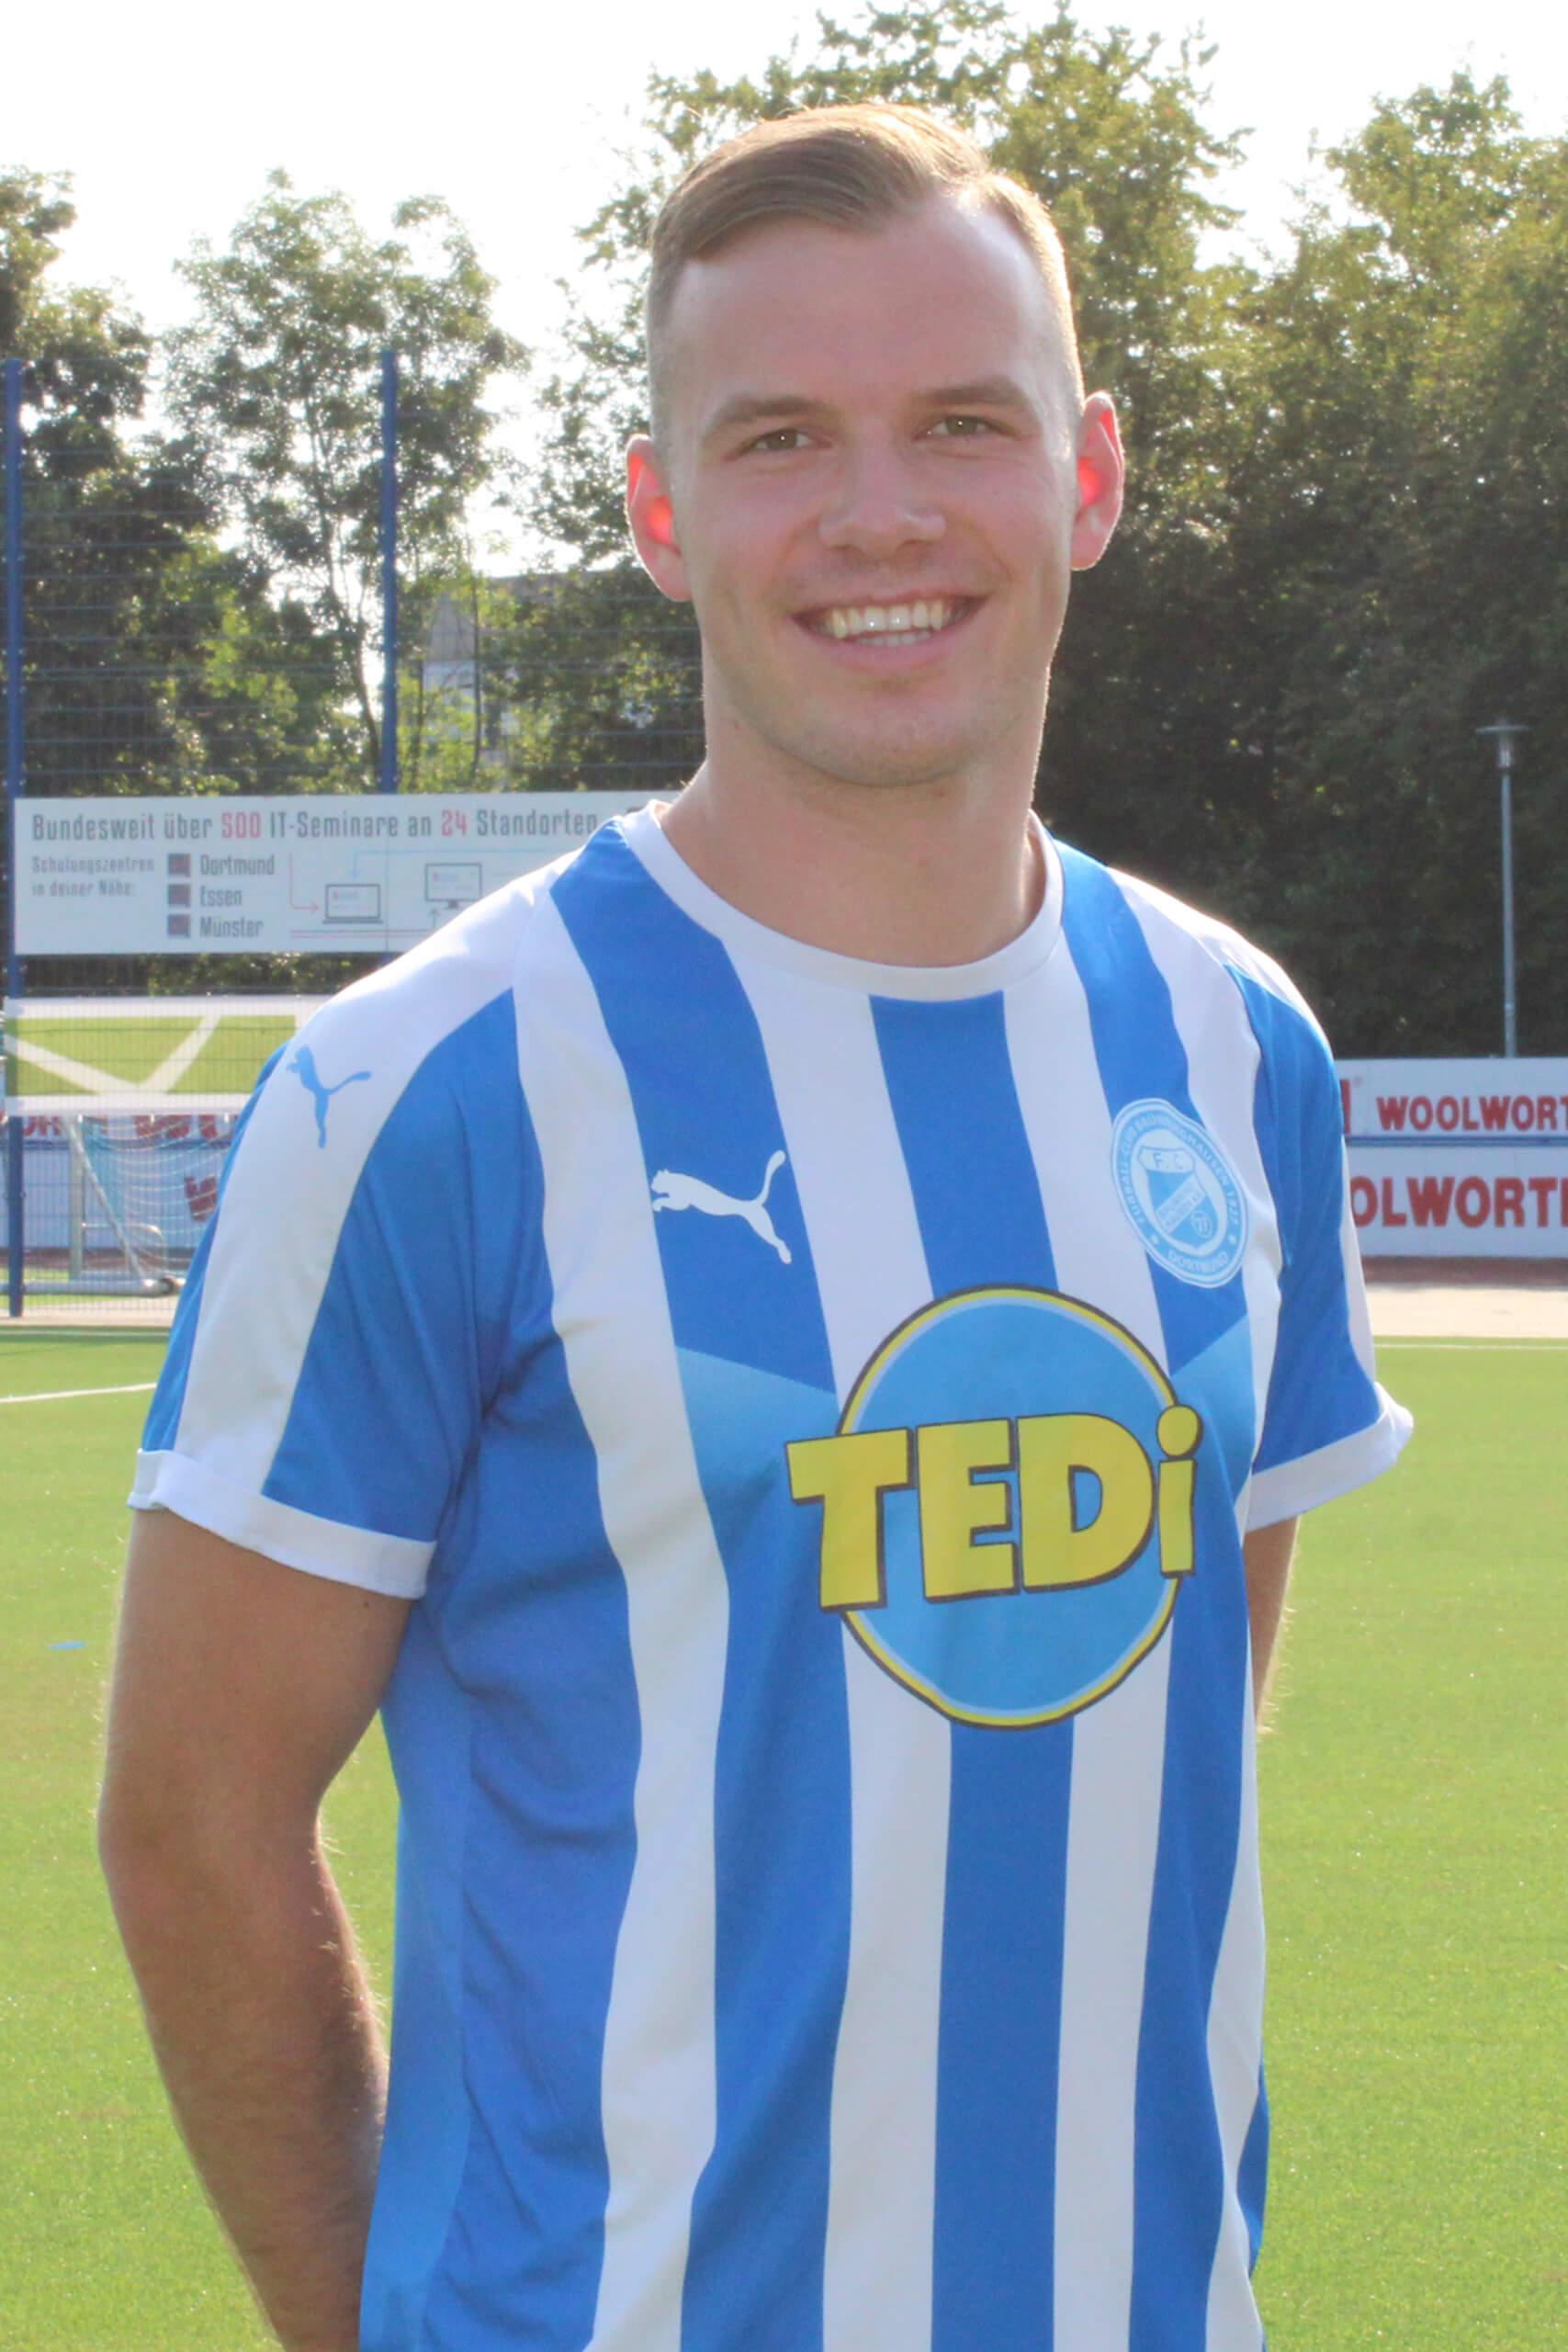 David Vaitkevicius